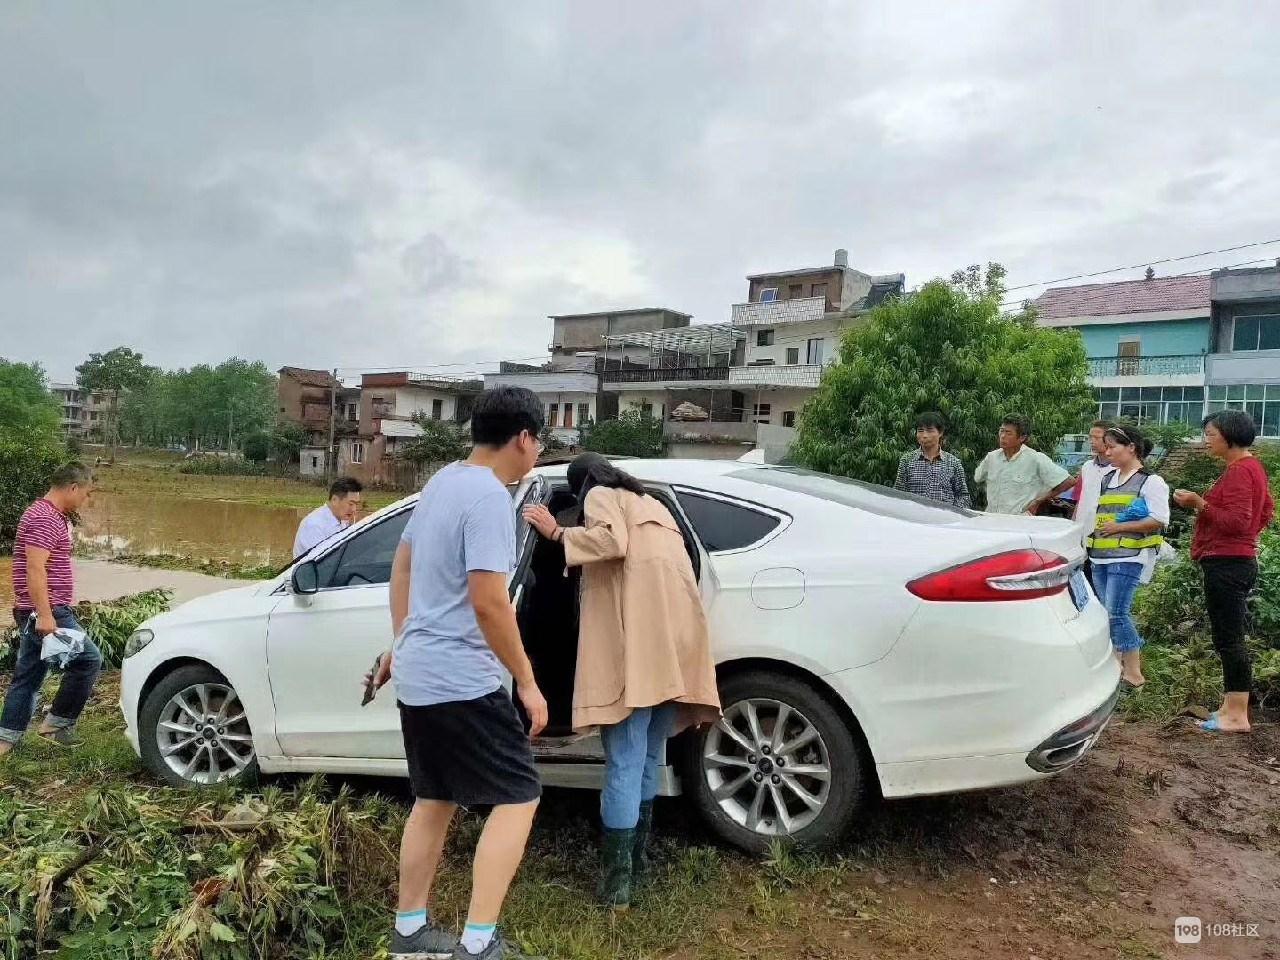 衢州宝妈带宝宝开车到贺村后失踪了,车子有被淹迹象!